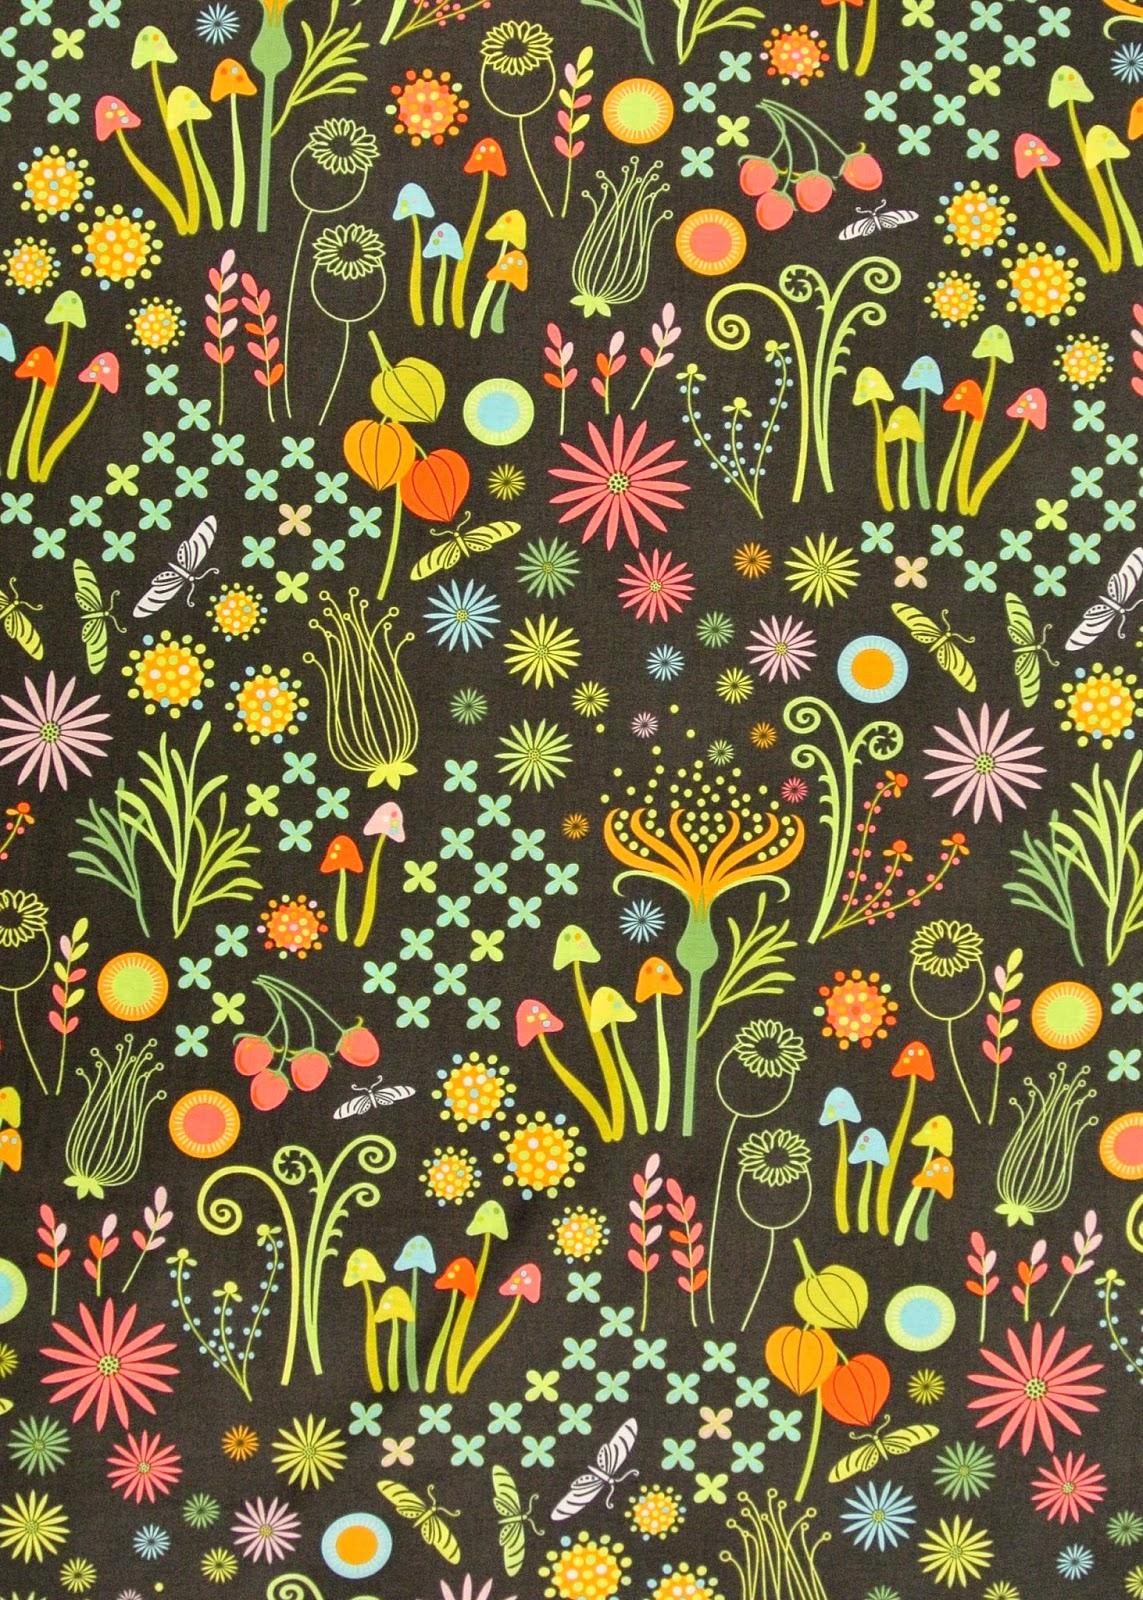 floral prints fresh